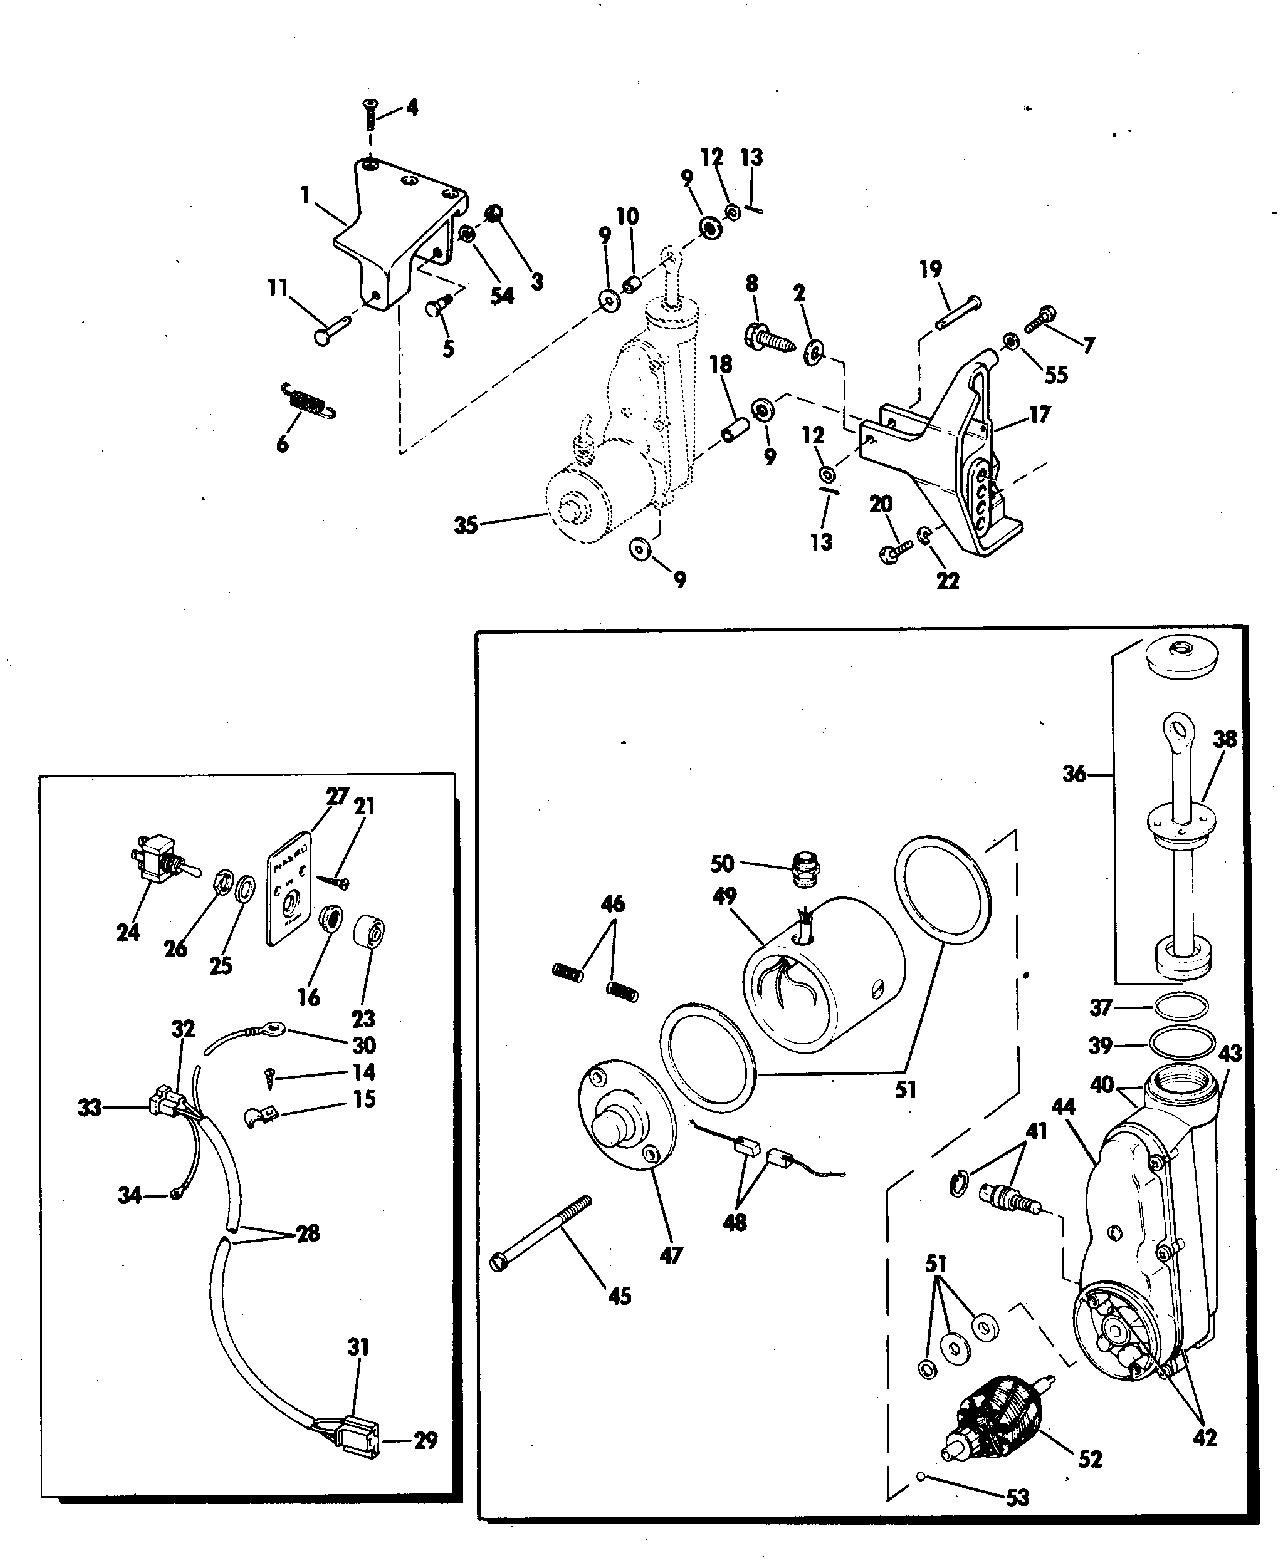 2002 Honda 400ex Carburetor Diagram Wiring Schematic Auto Xr 250